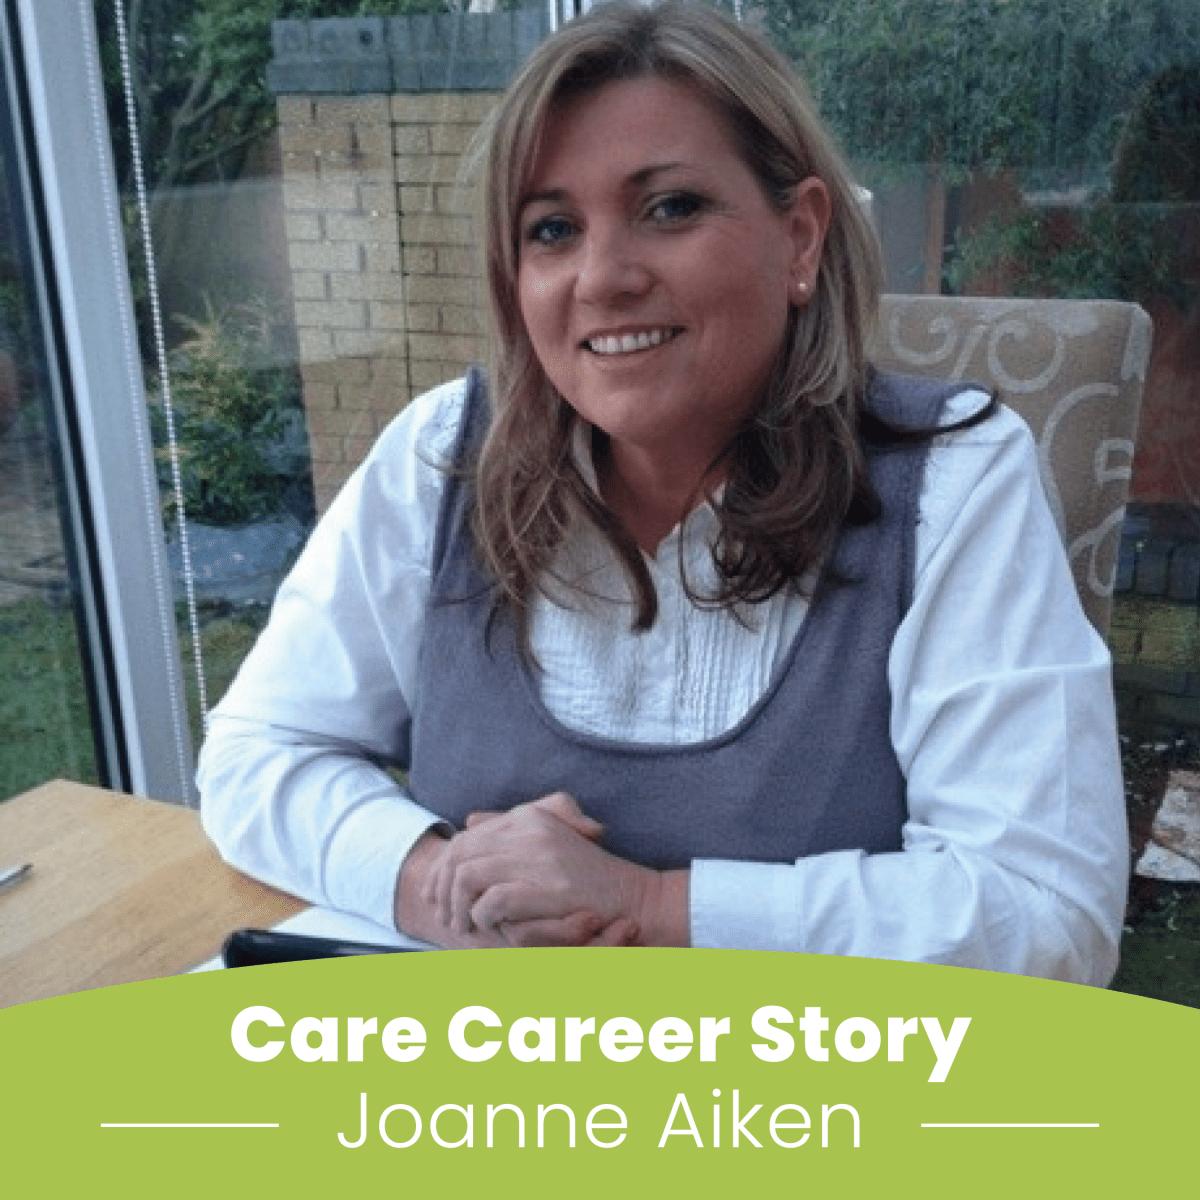 Joanne Aiken shares her Care Career Story